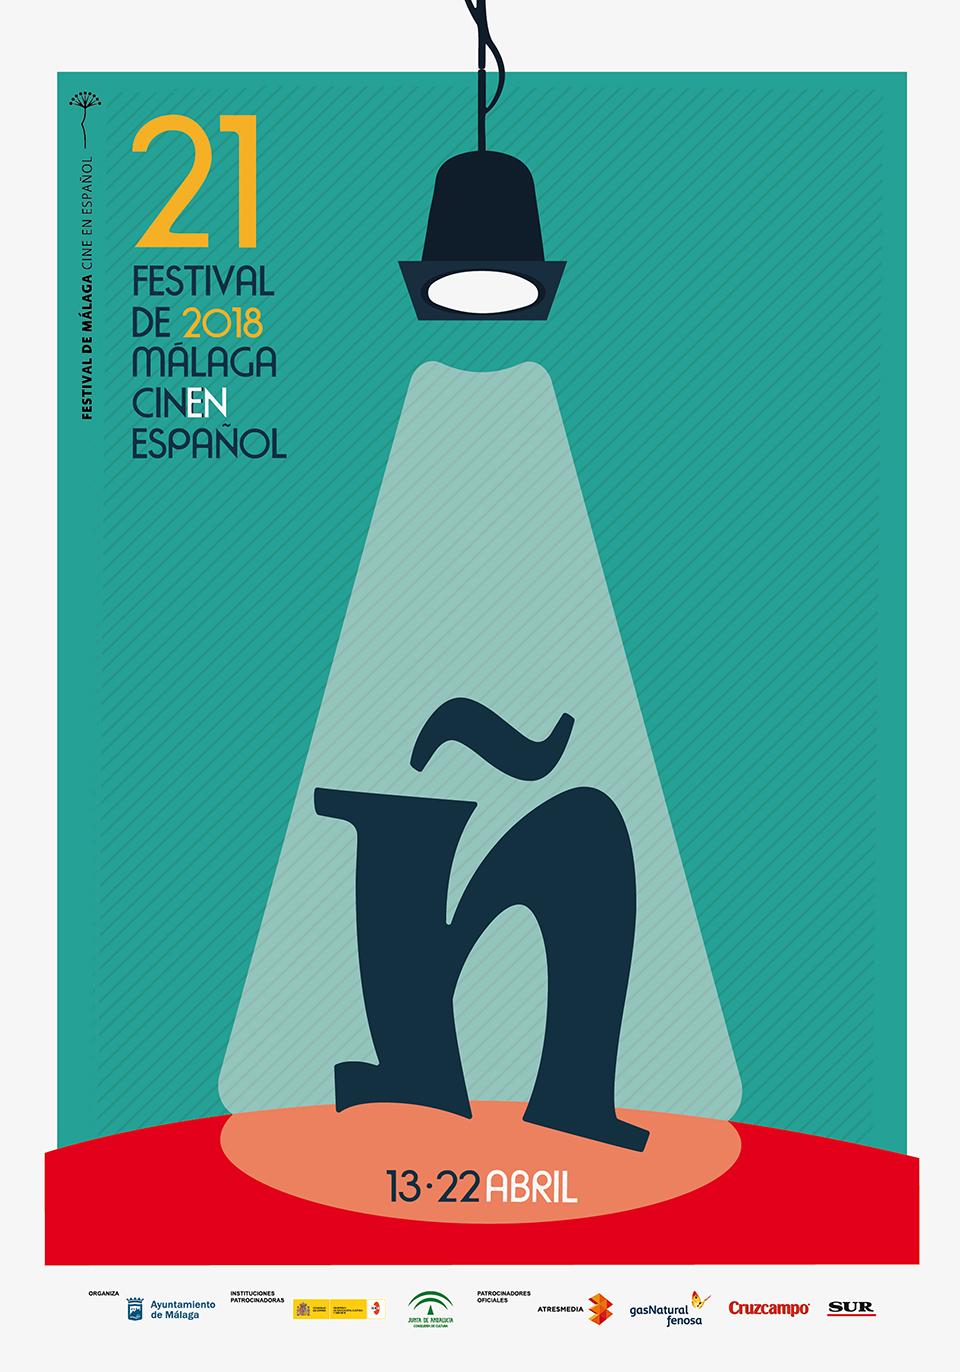 Resultado de imagen para Málaga de Festival 2018